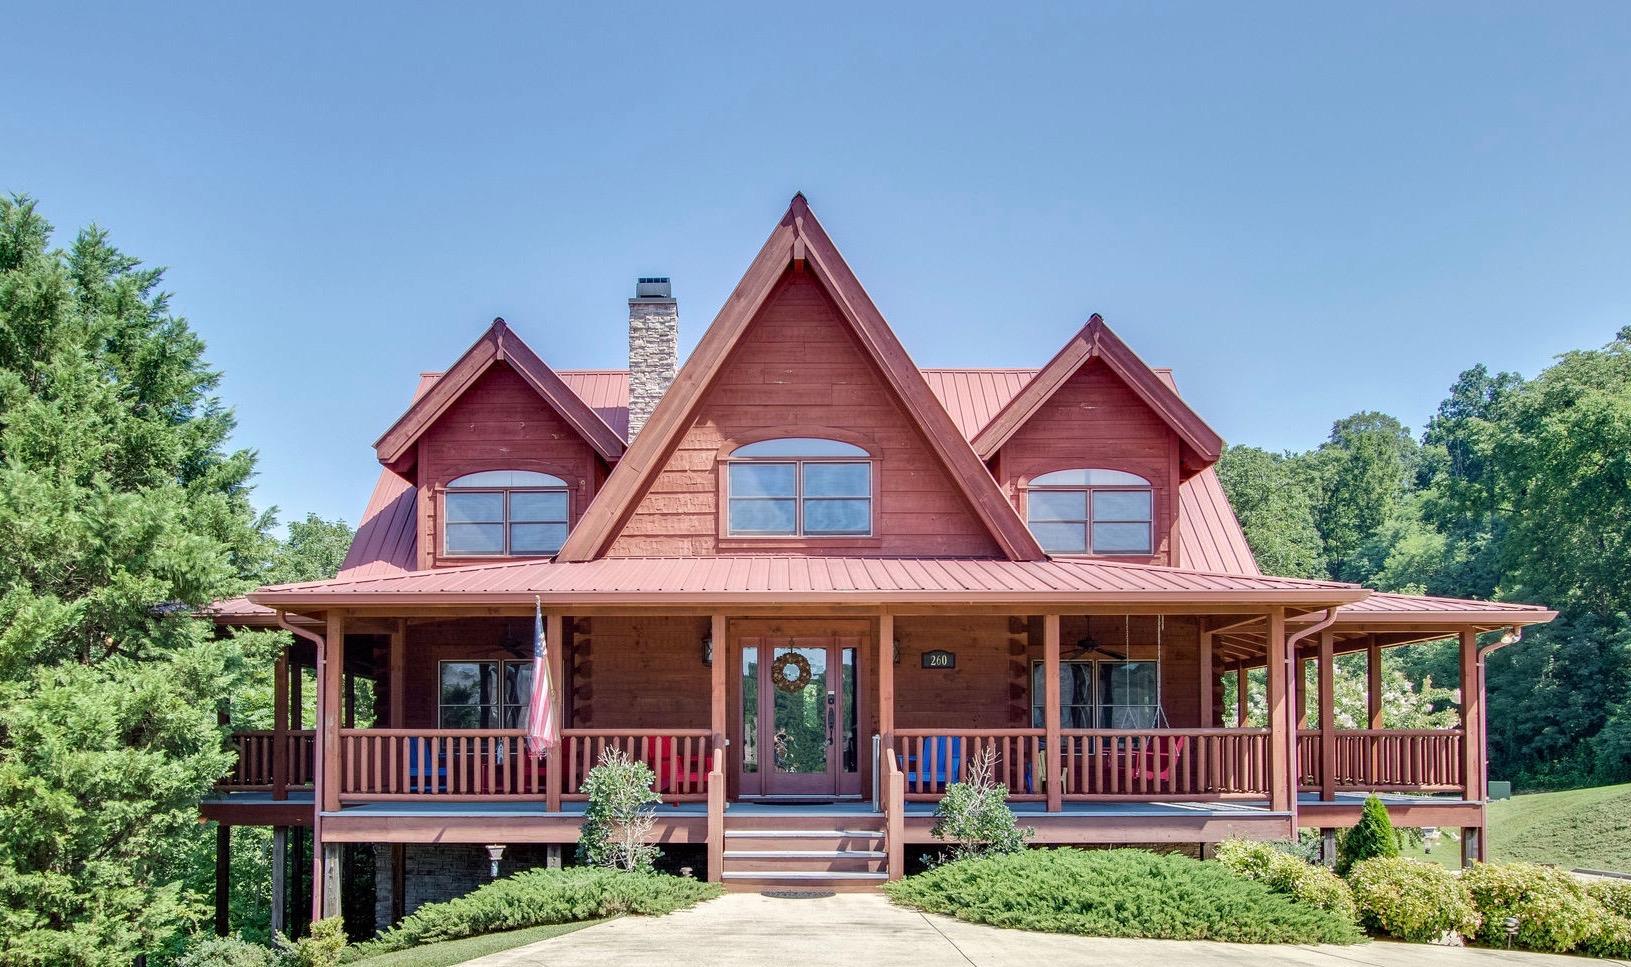 260 Hope Cv, Smithville, TN 37166 - Smithville, TN real estate listing